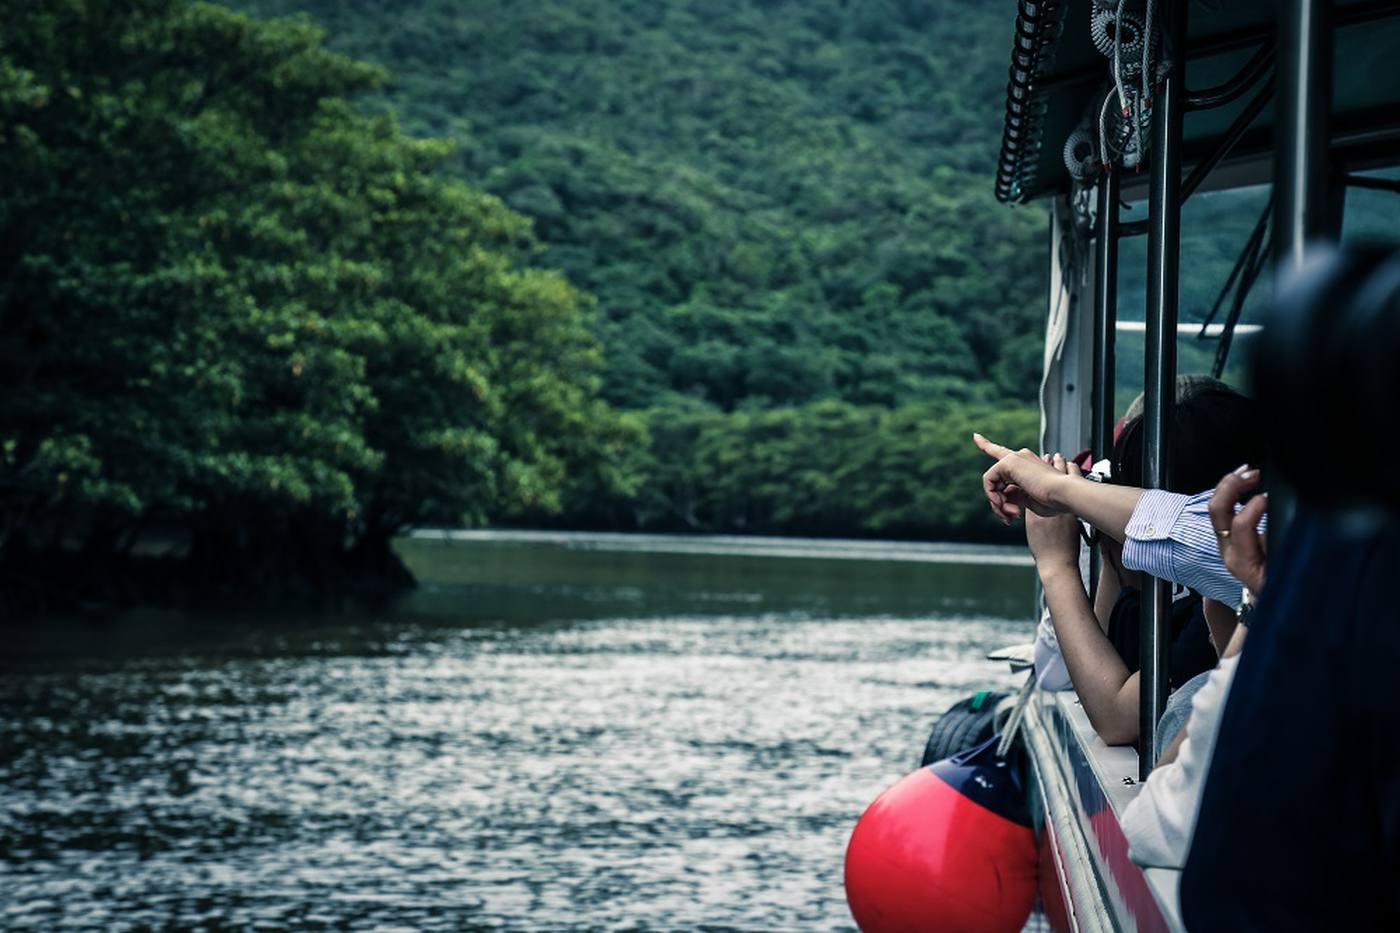 【世界自然遺産登録へ】いま注目の西表島を知ろう!楽しもう! image